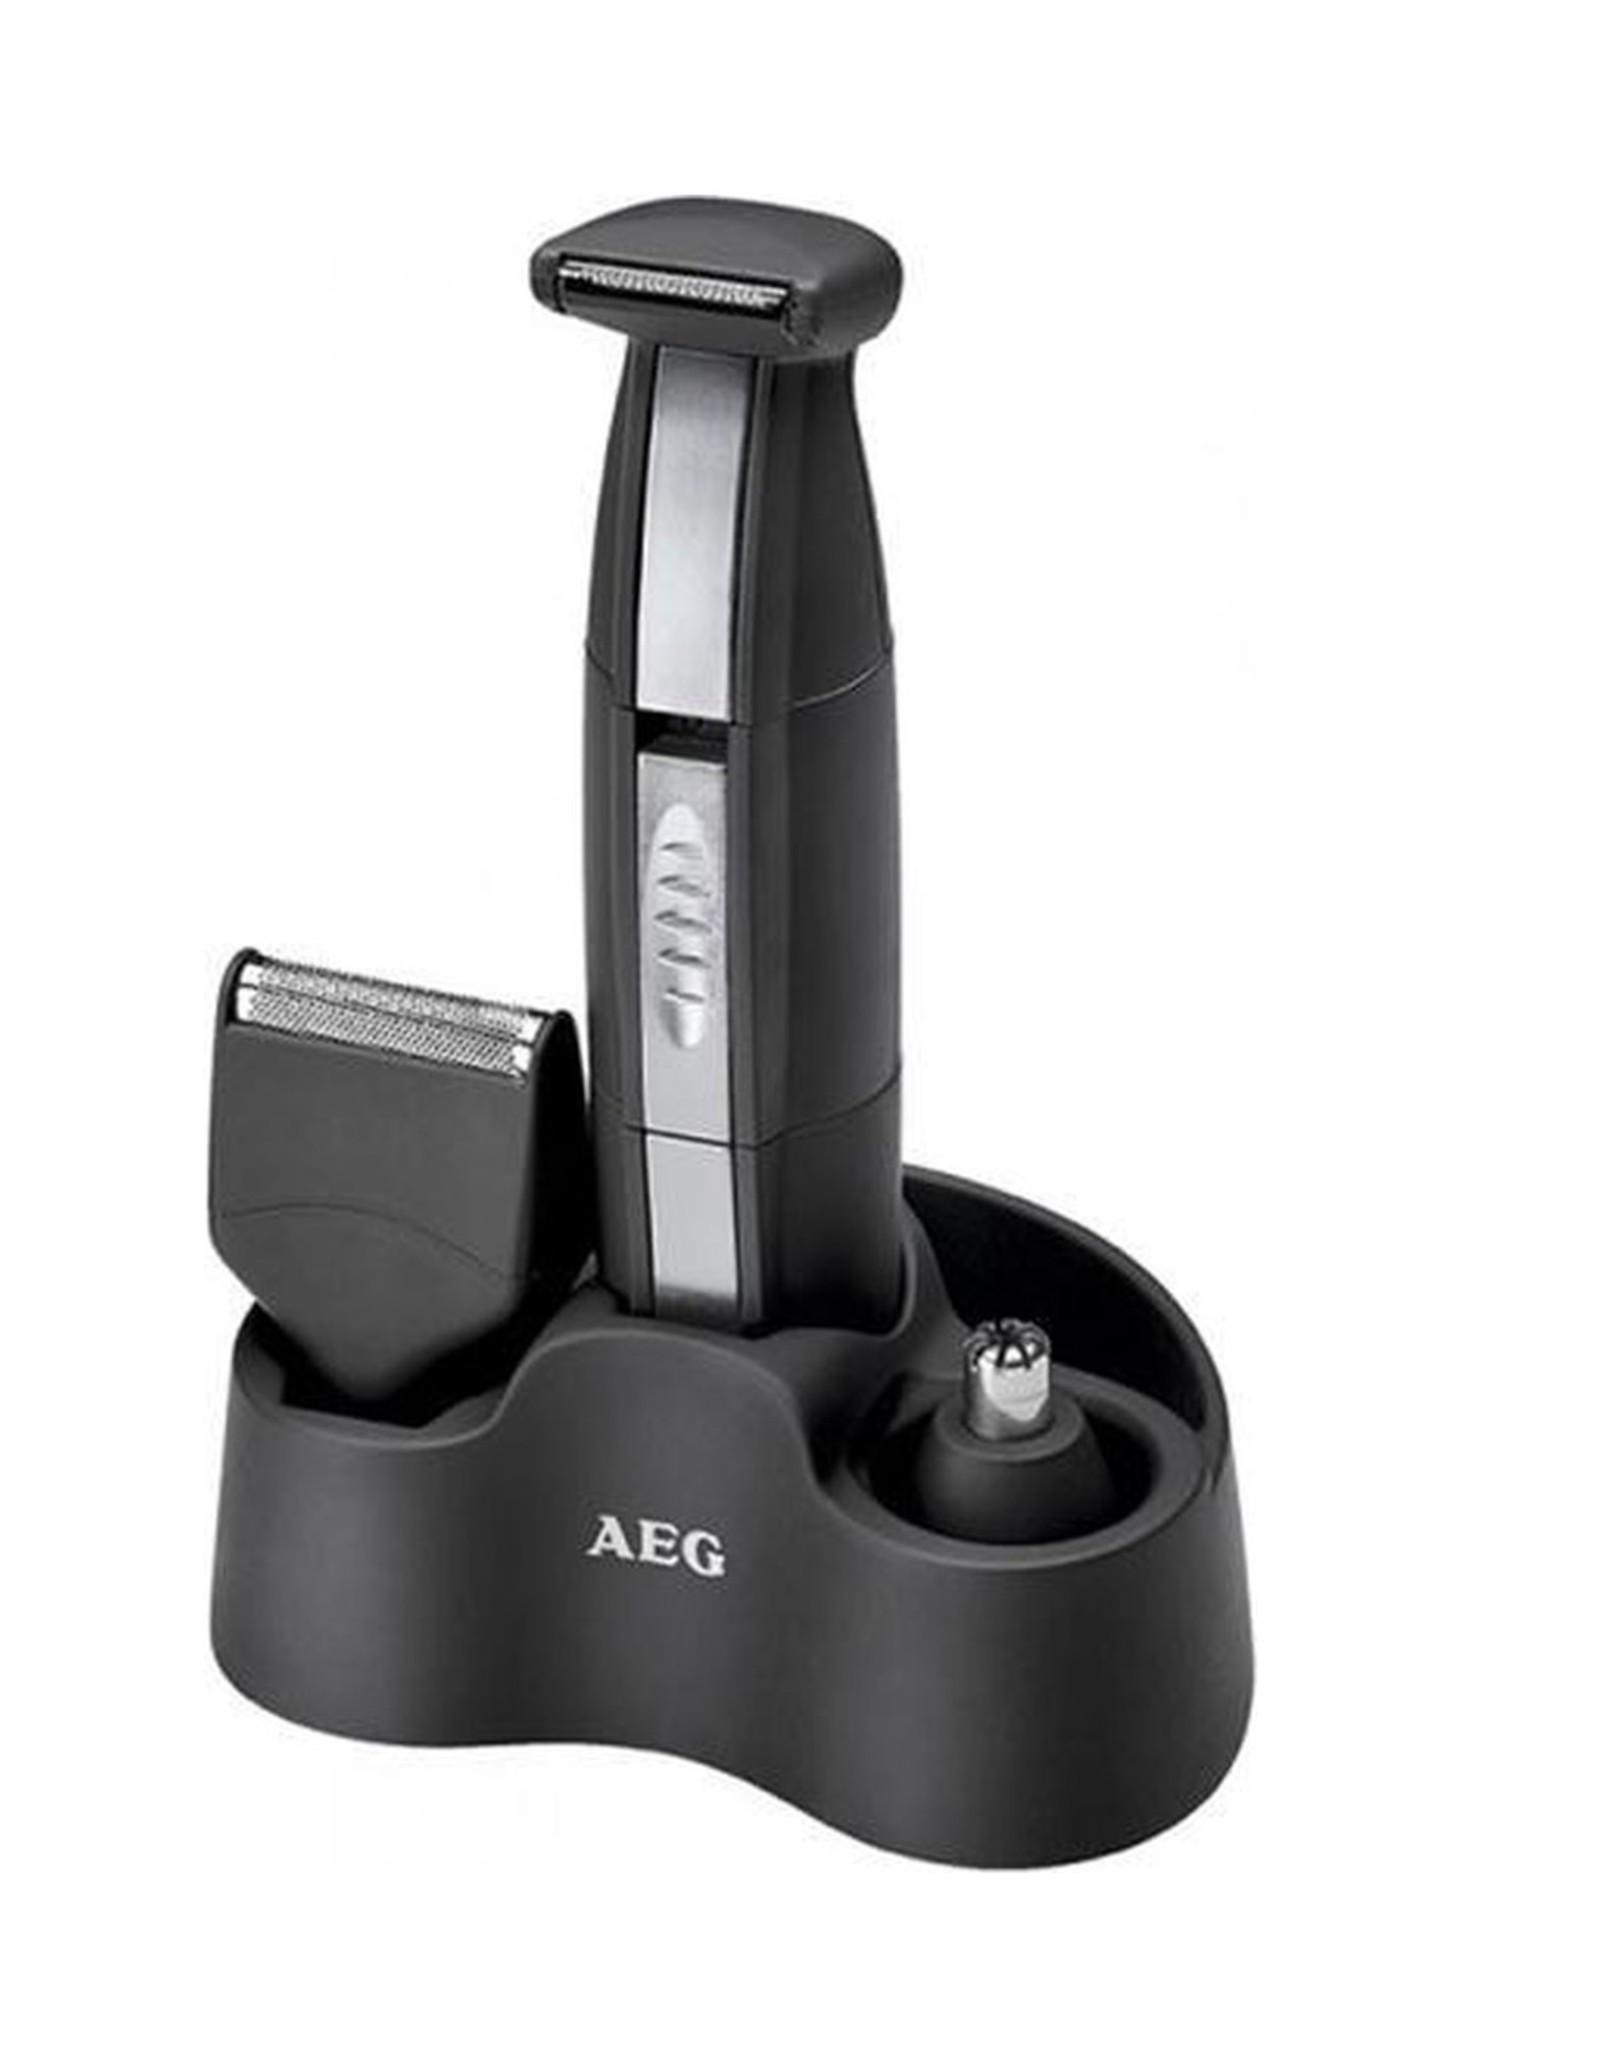 AEG AEG - Precisie Trimmerset 3-in-1- Zwart